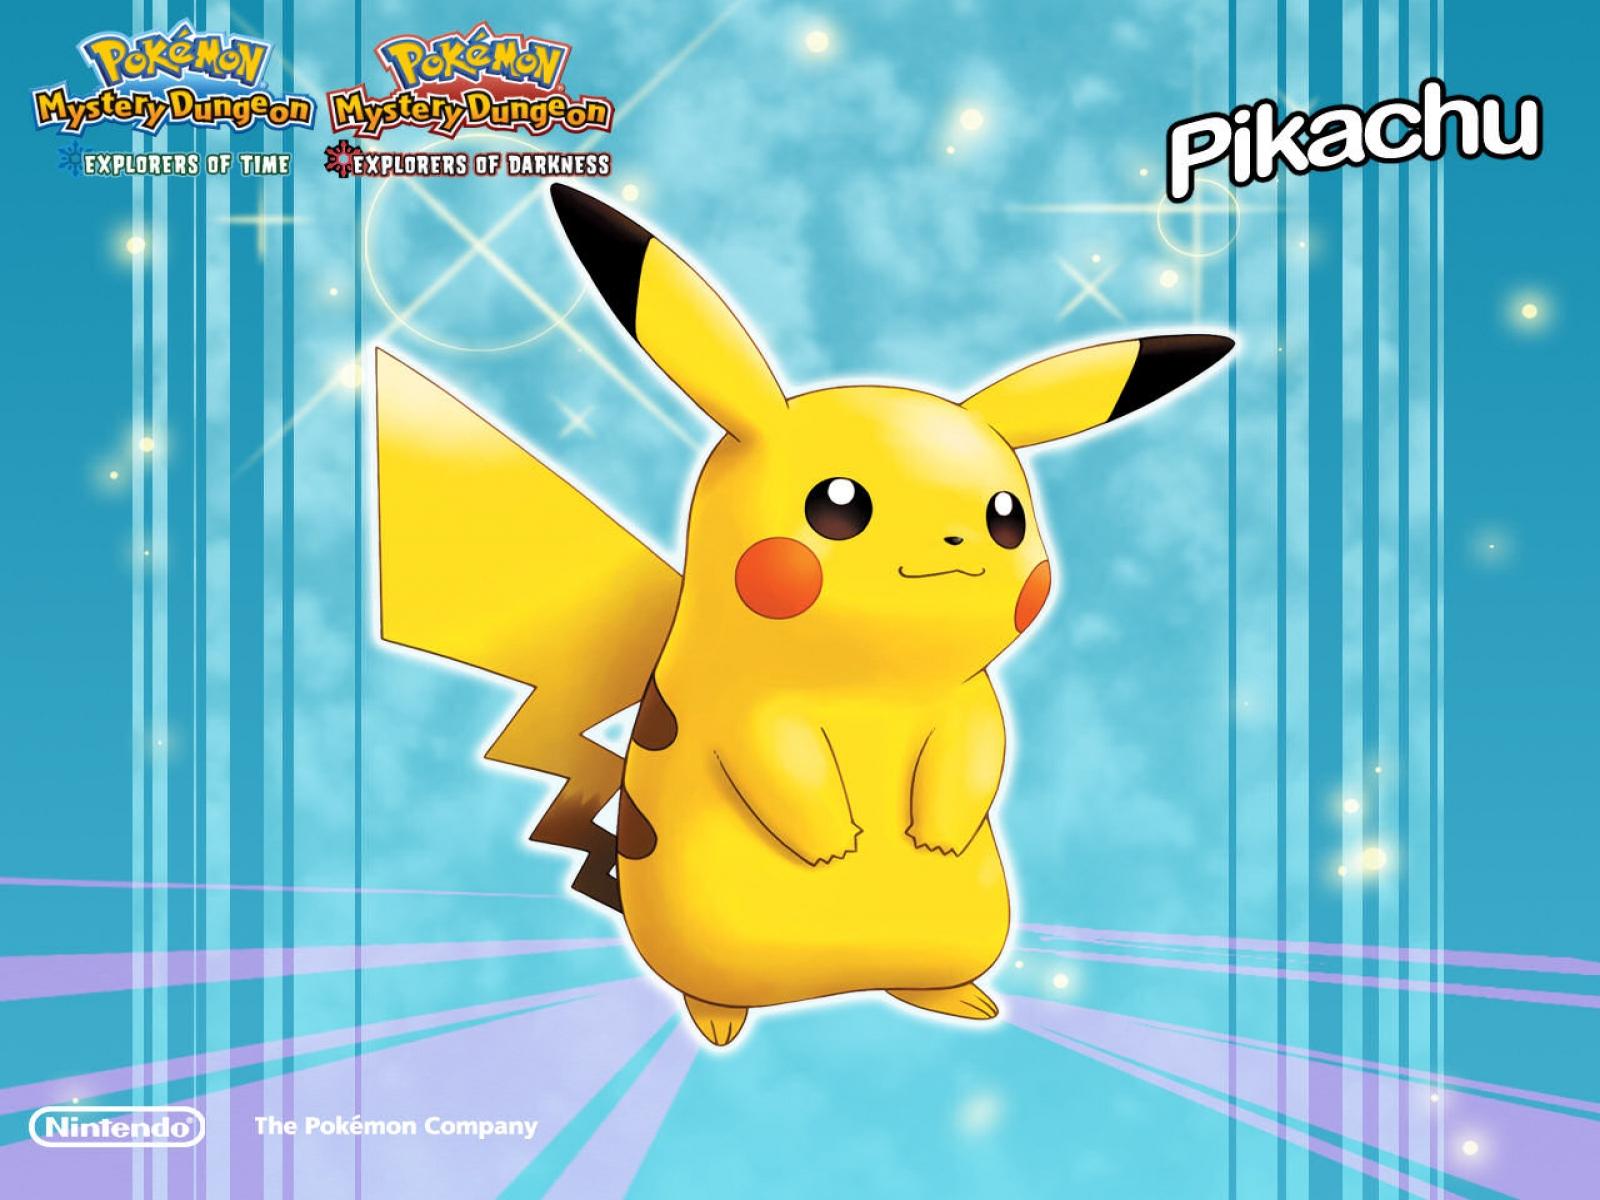 Pikachu pok mon page 18 of 21 zerochan anime image board - Image pikachu ...